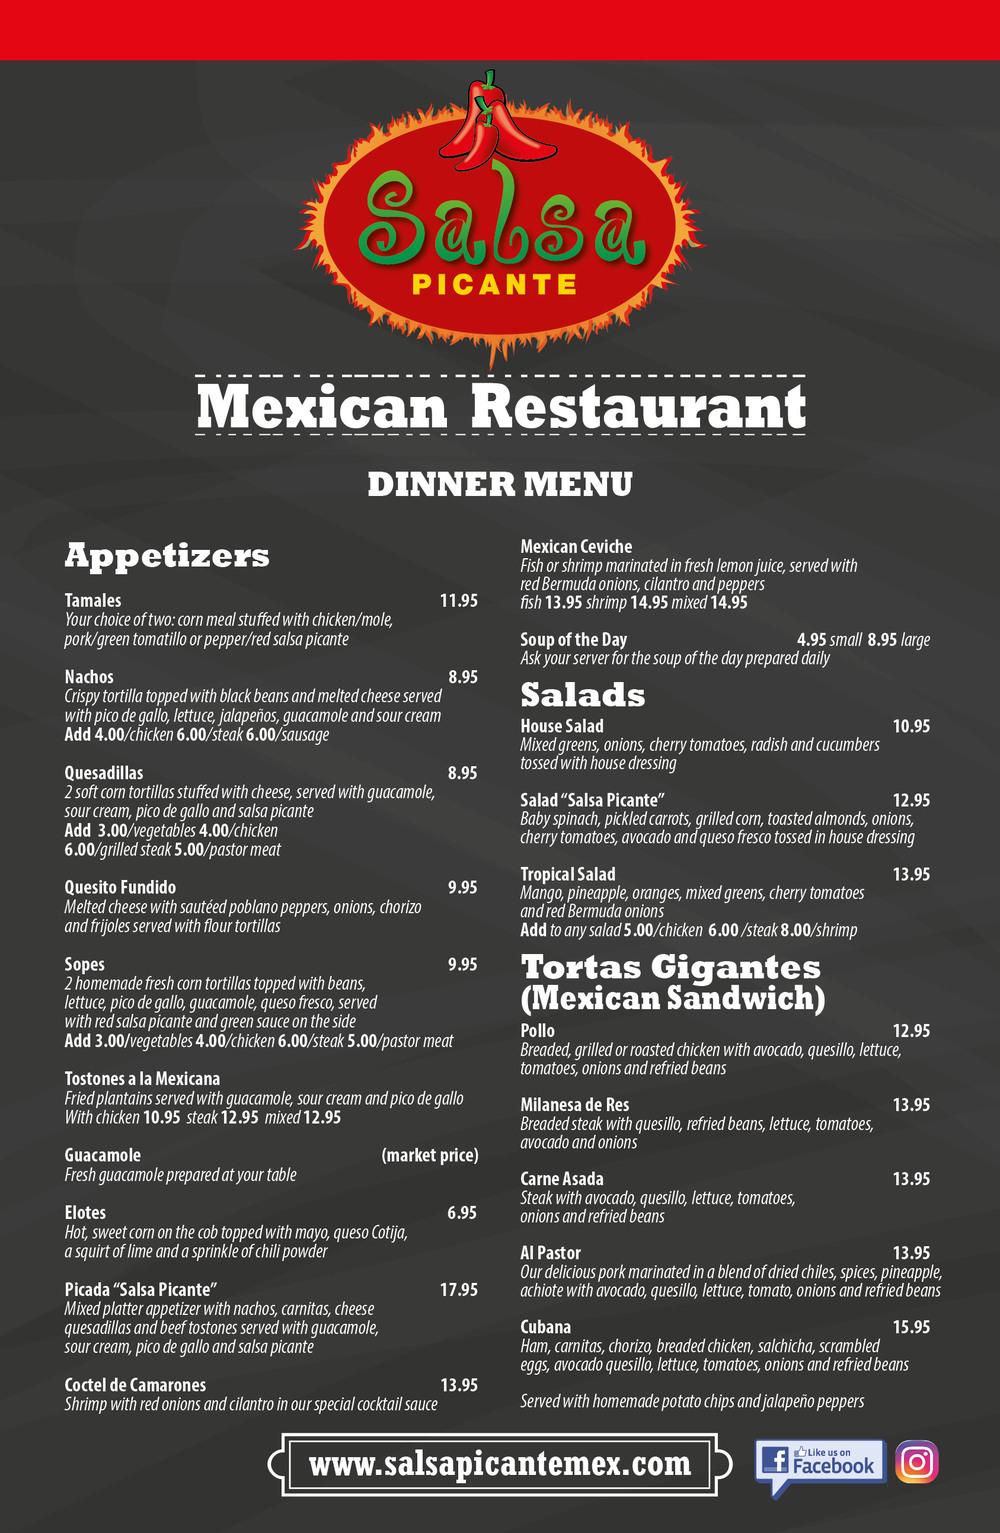 Salsa-Picante-Mexican-Dinner-Menu-A-2016.jpg